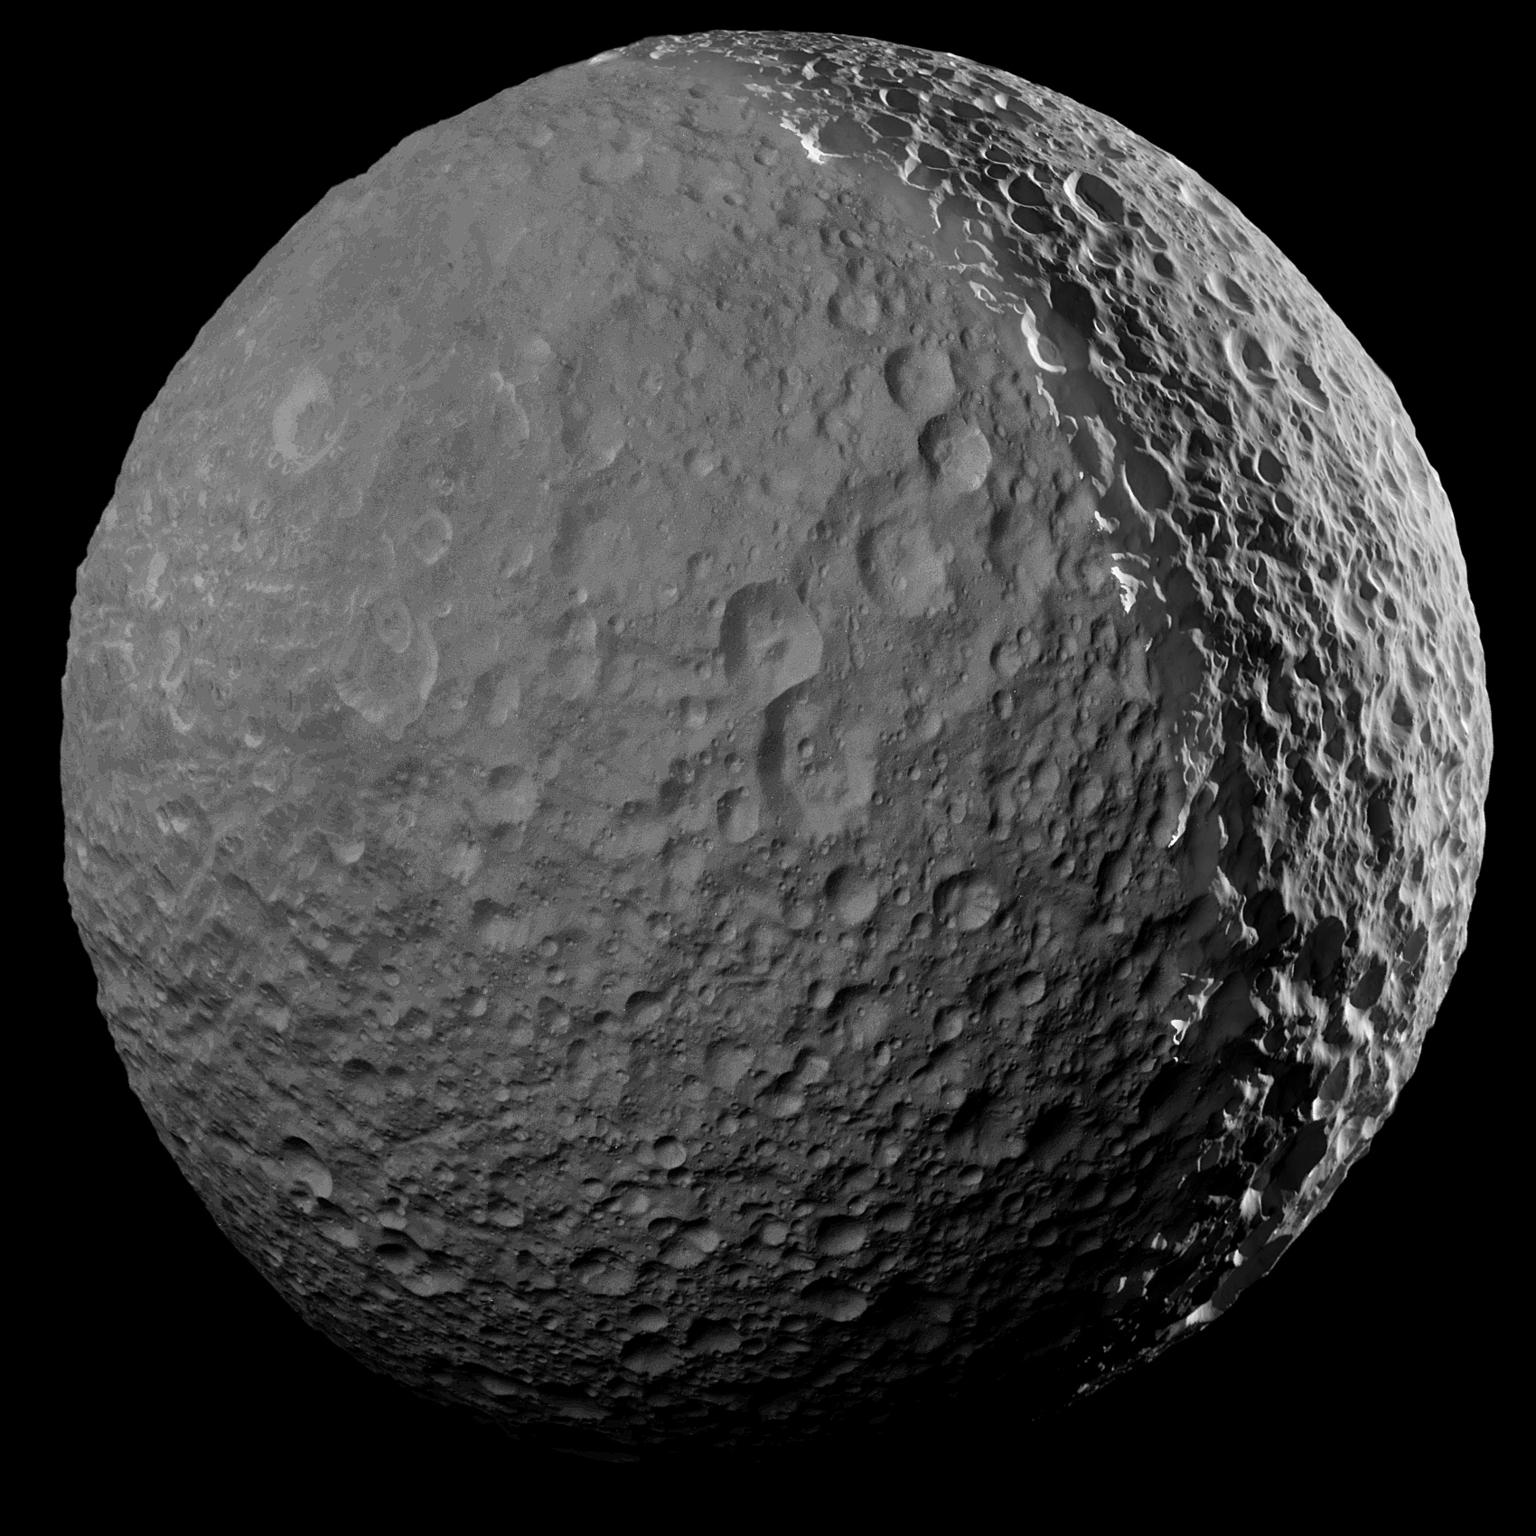 A Mimasz a Cassini január 30-i felvételén. (Fotó: NASA/JPL-Caltech/Űrtudományi Intézet)